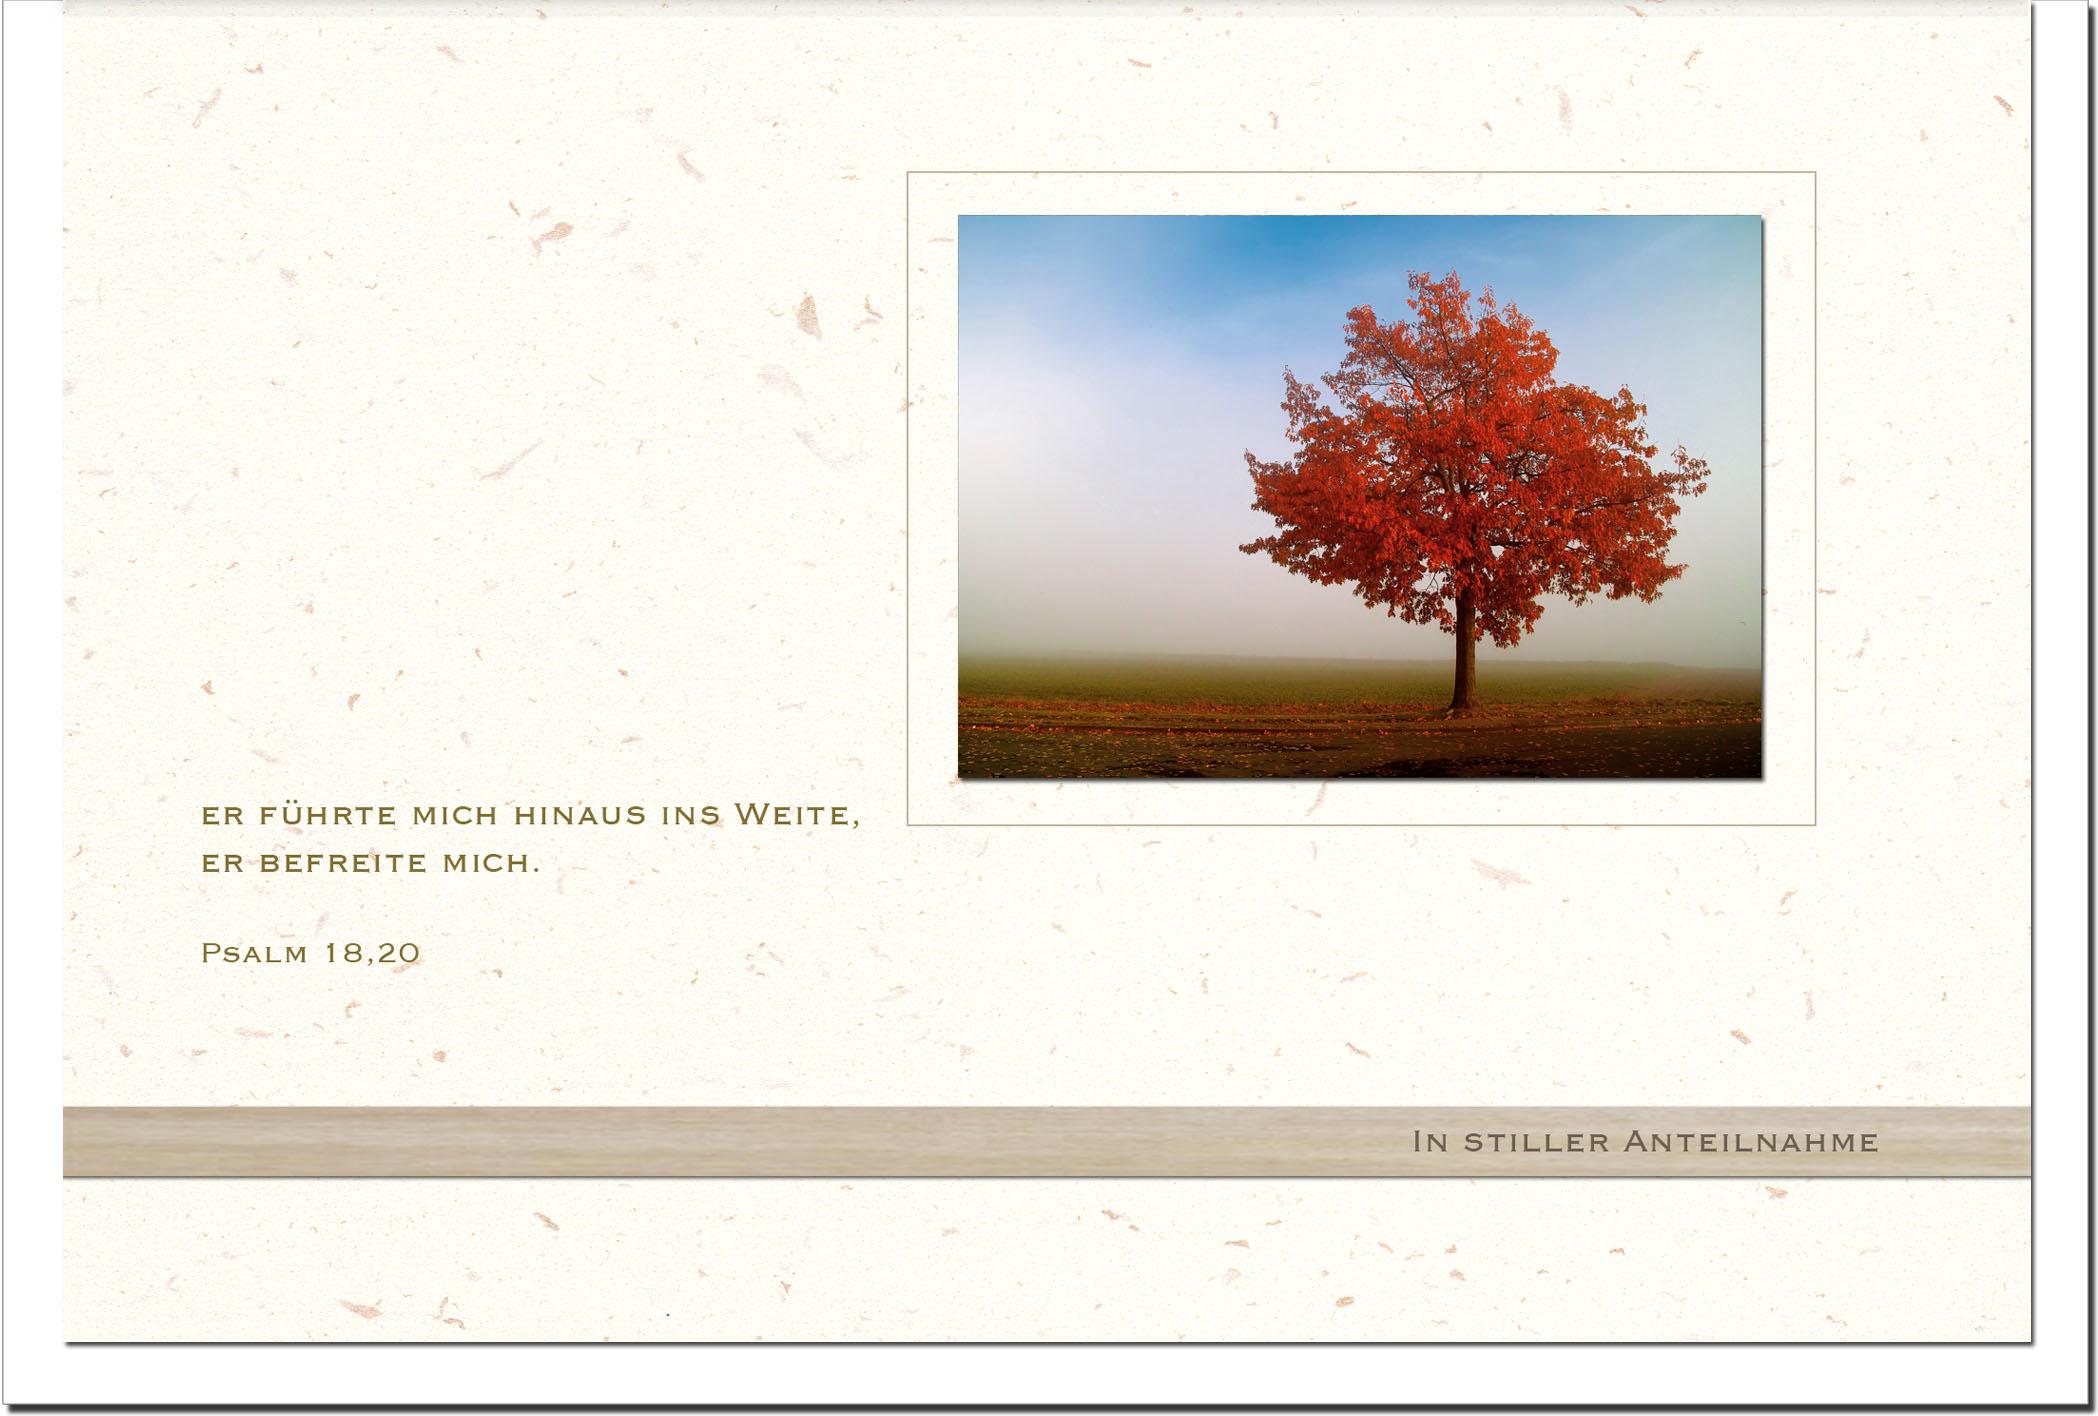 Kondolenzkarte ERLÖSUNG | Herbst | metALUm #00564